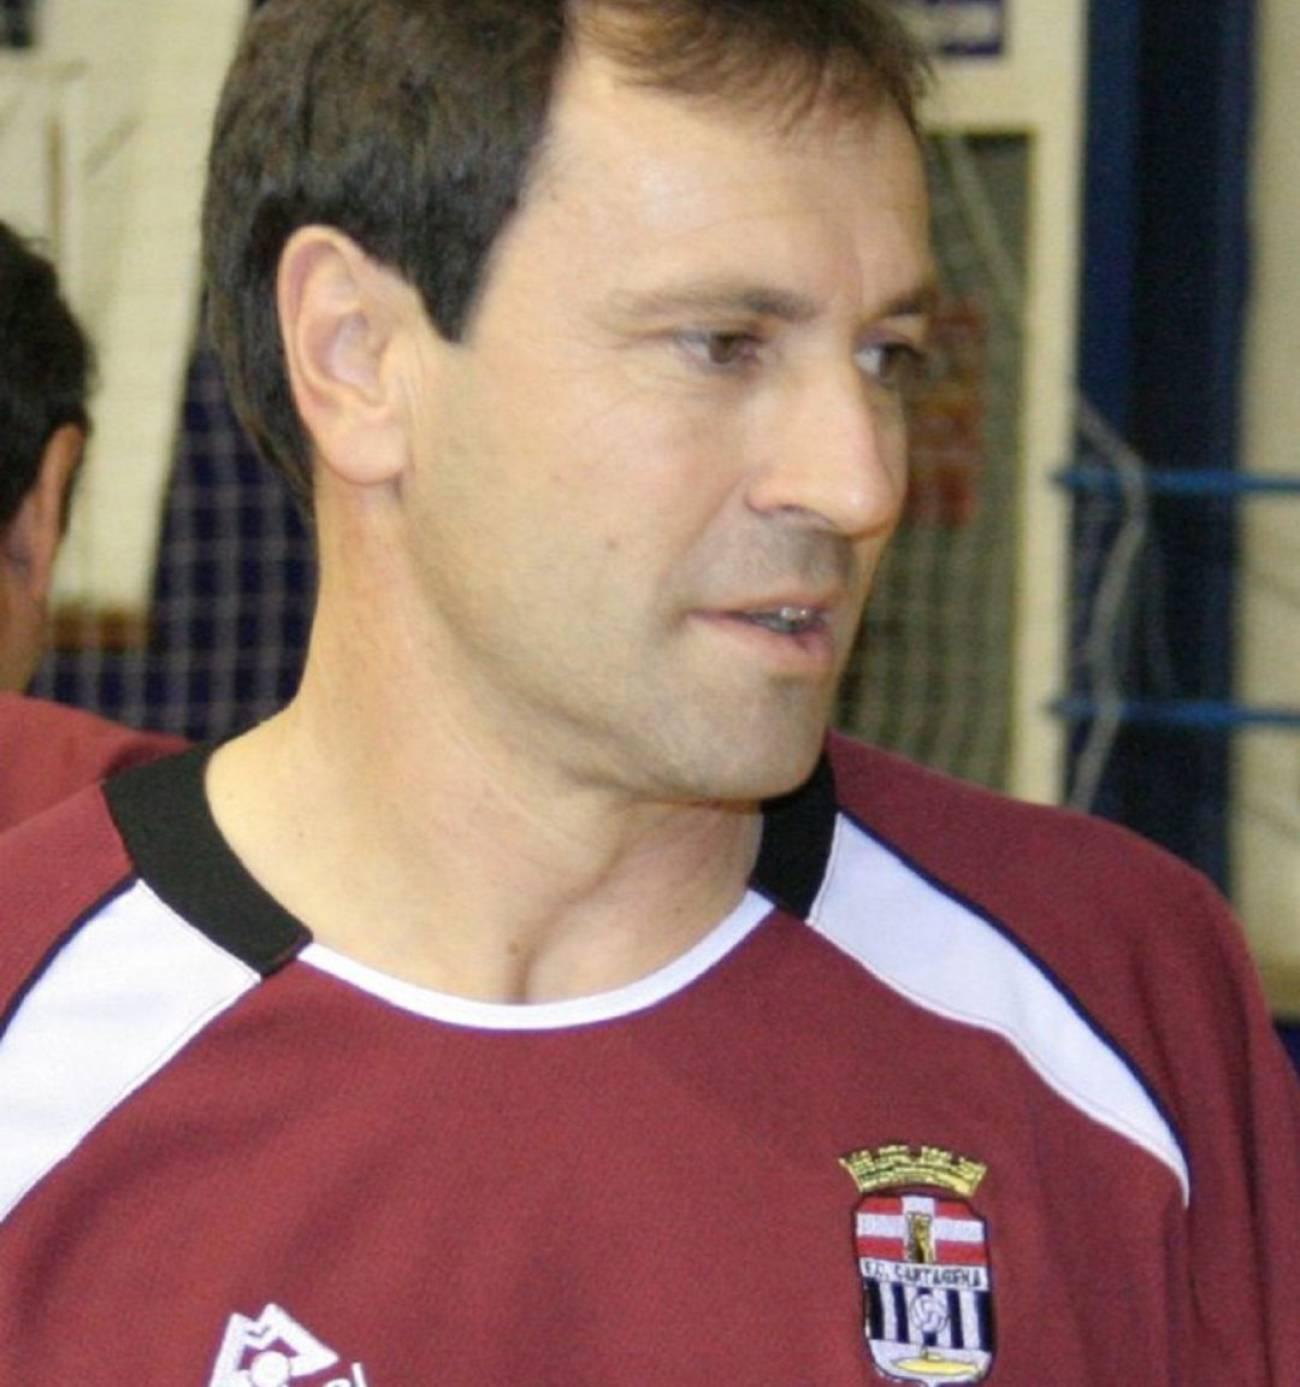 Muere 'El Jabato' Sagarduy, segundo jugador con más partidos en la historia del Efesé